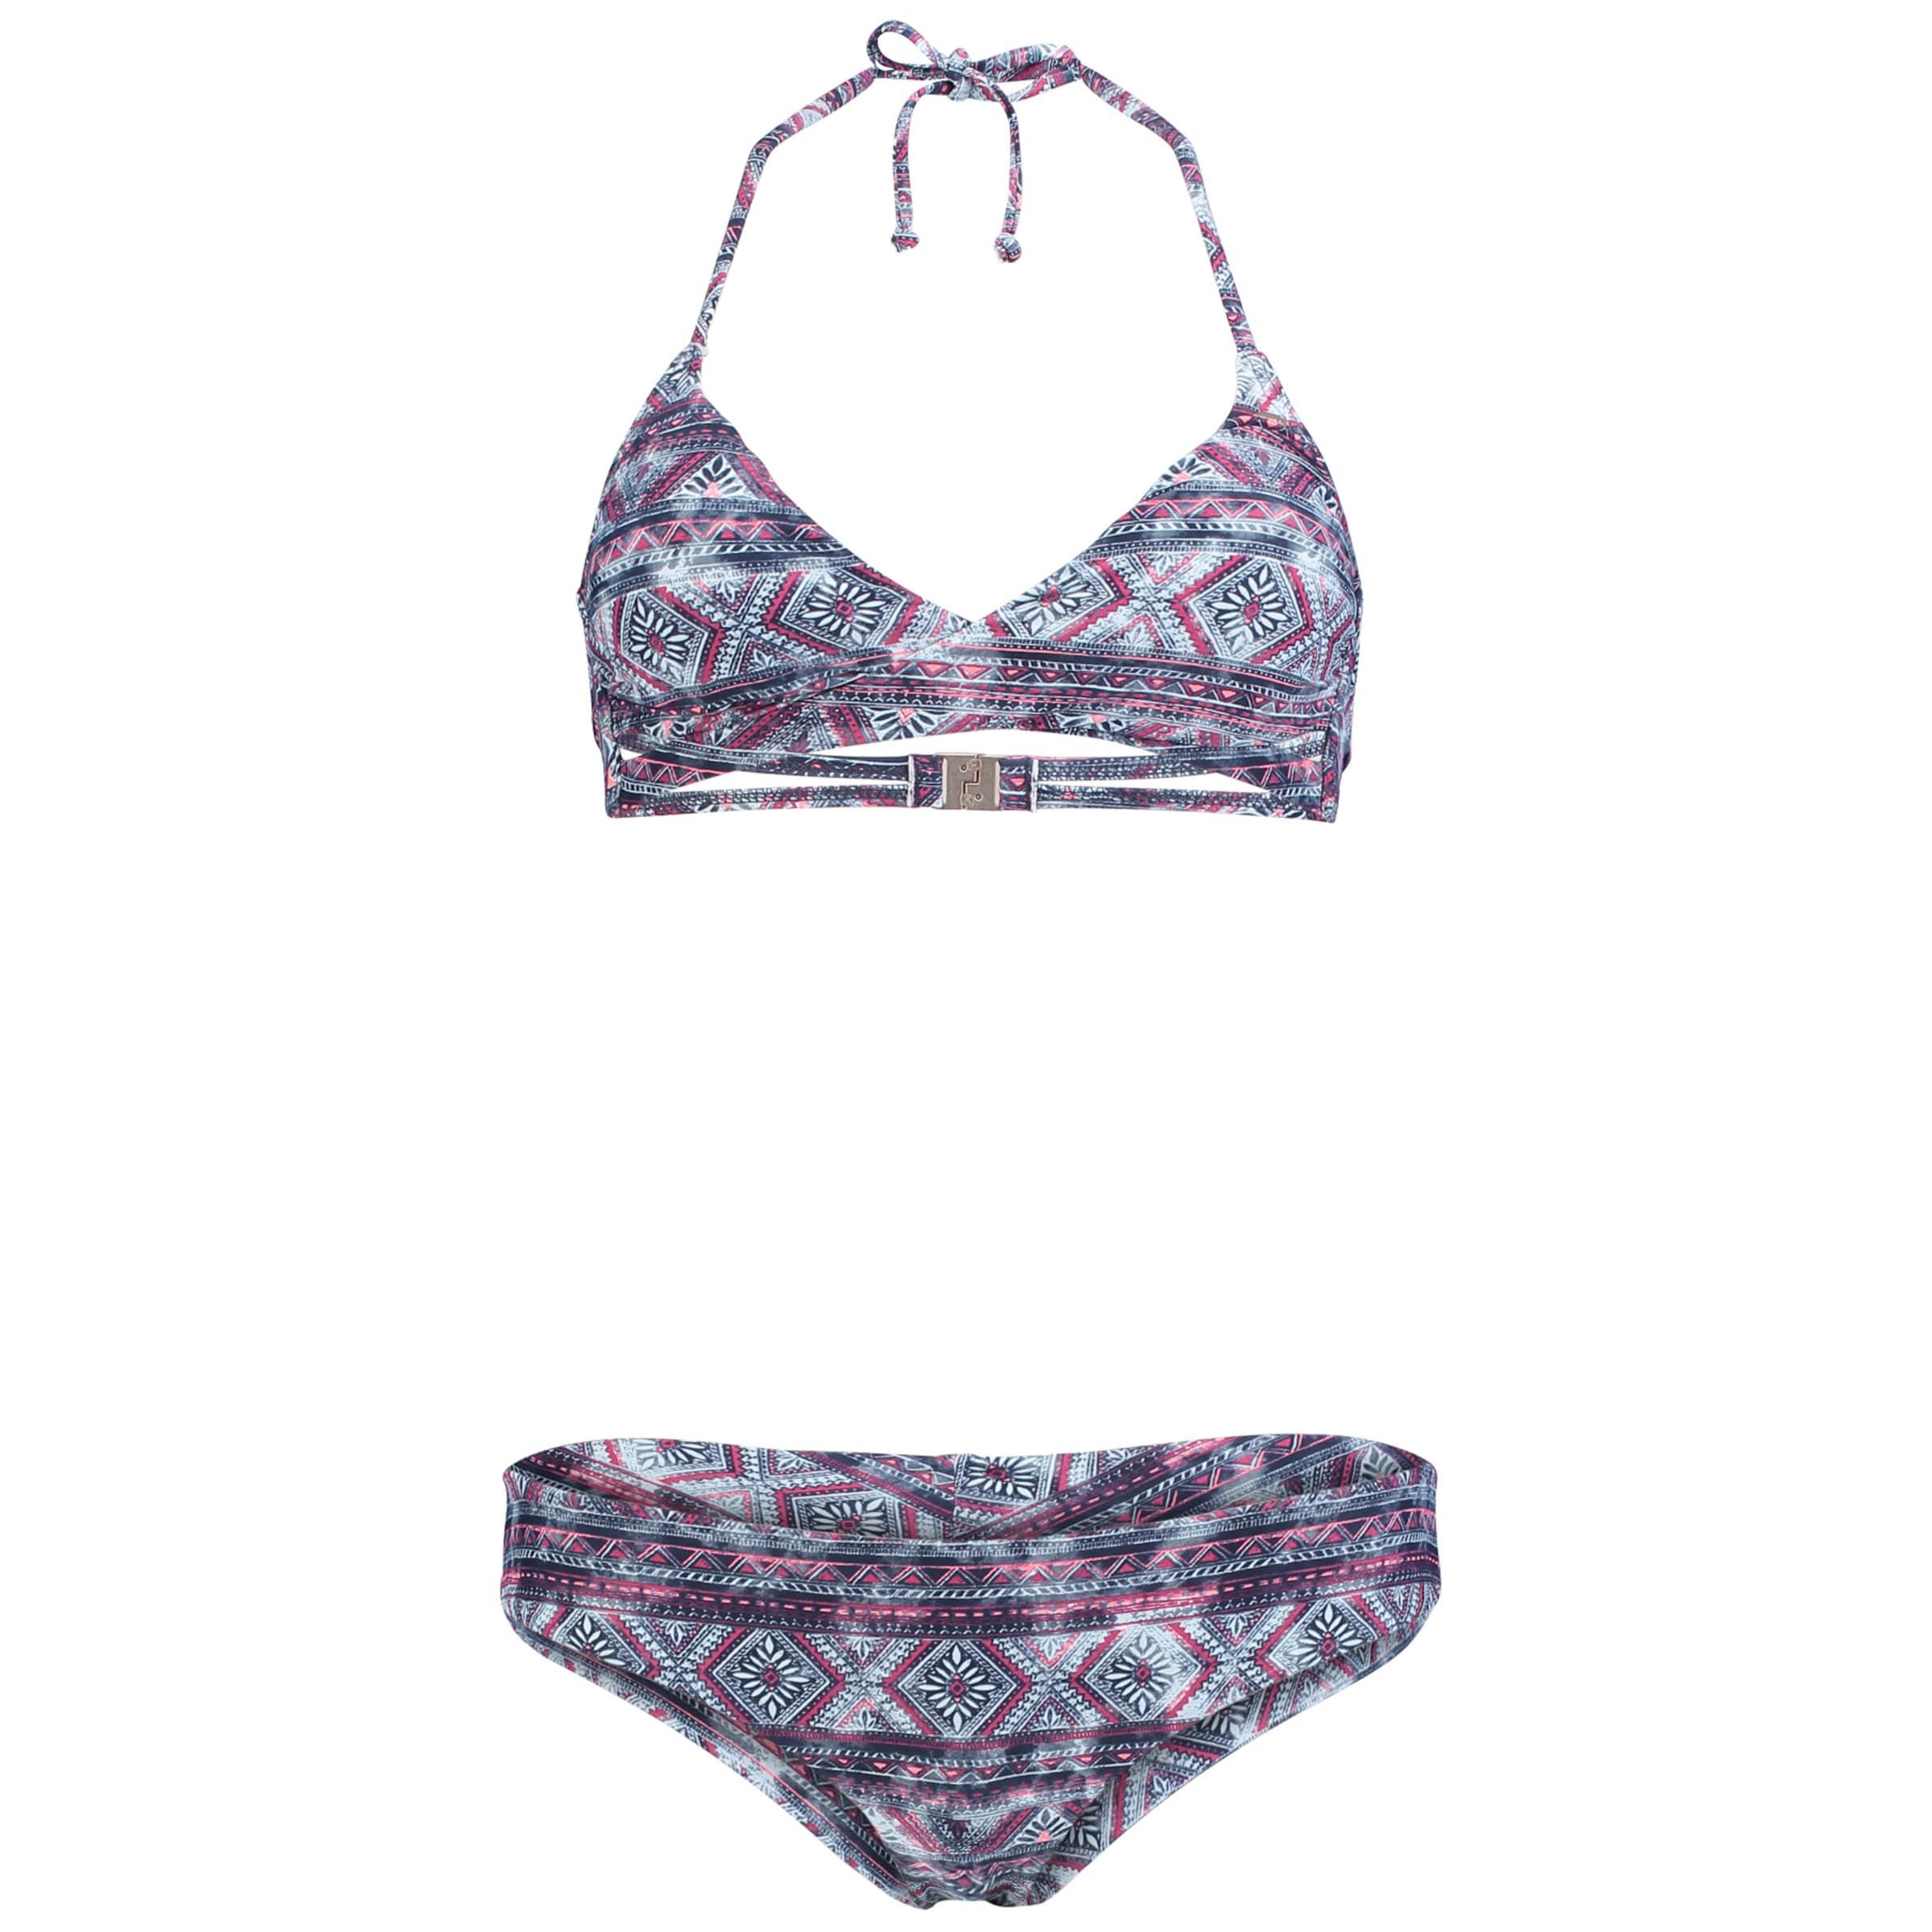 Ja Wirklich Footlocker Verkauf Online O'NEILL Bikini 'PW Print Crossover' Online-Verkauf Spielraum Erkunden uhGPd